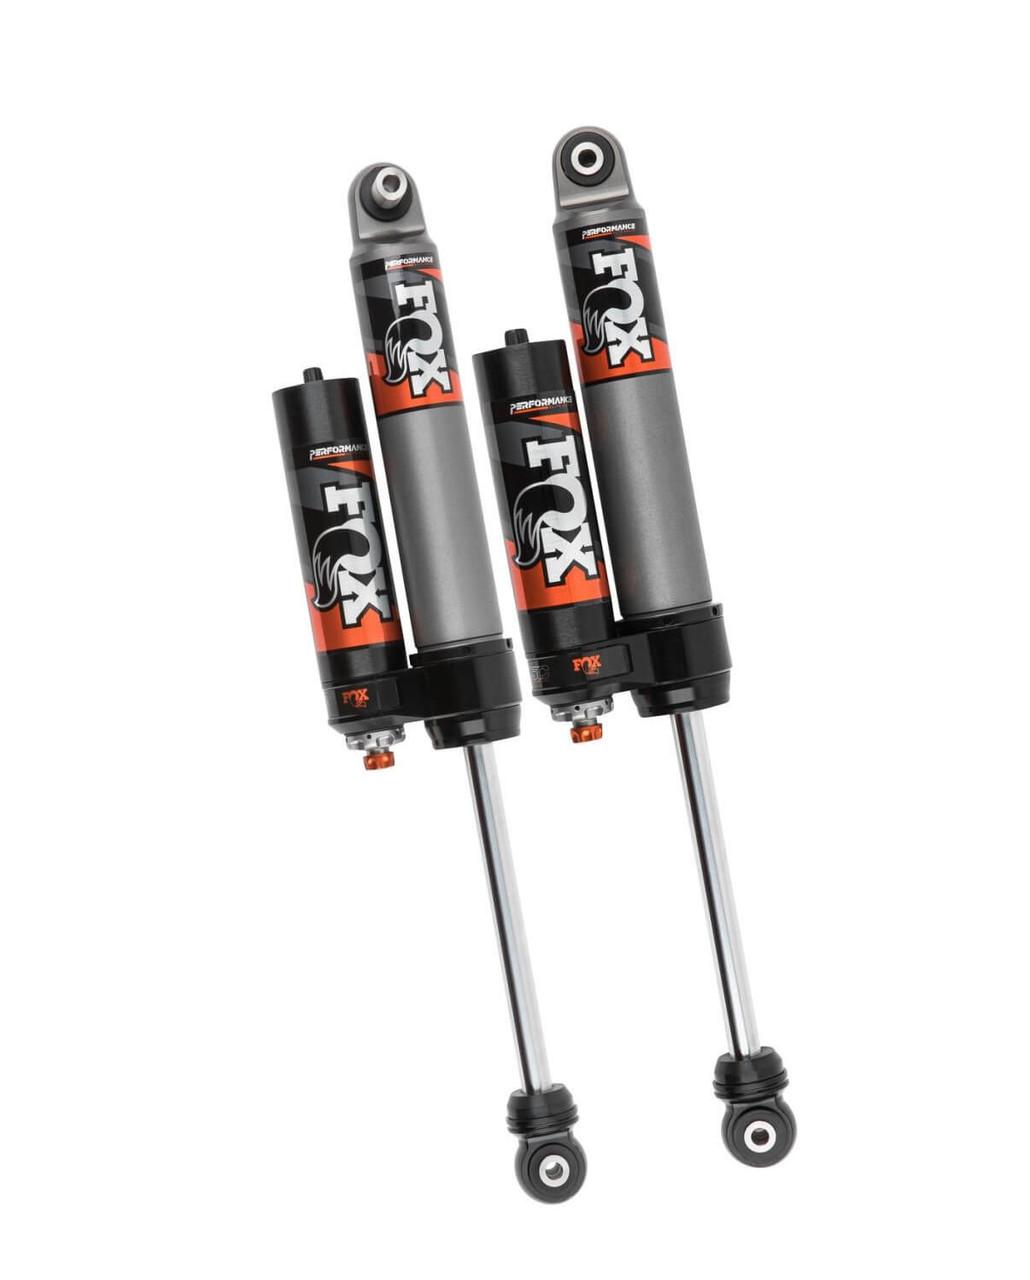 """Fox 2.5 Rear Reservoir Adjustable Shocks 3.5-4"""" For Jeep Wrangler JL - 883-26-055"""